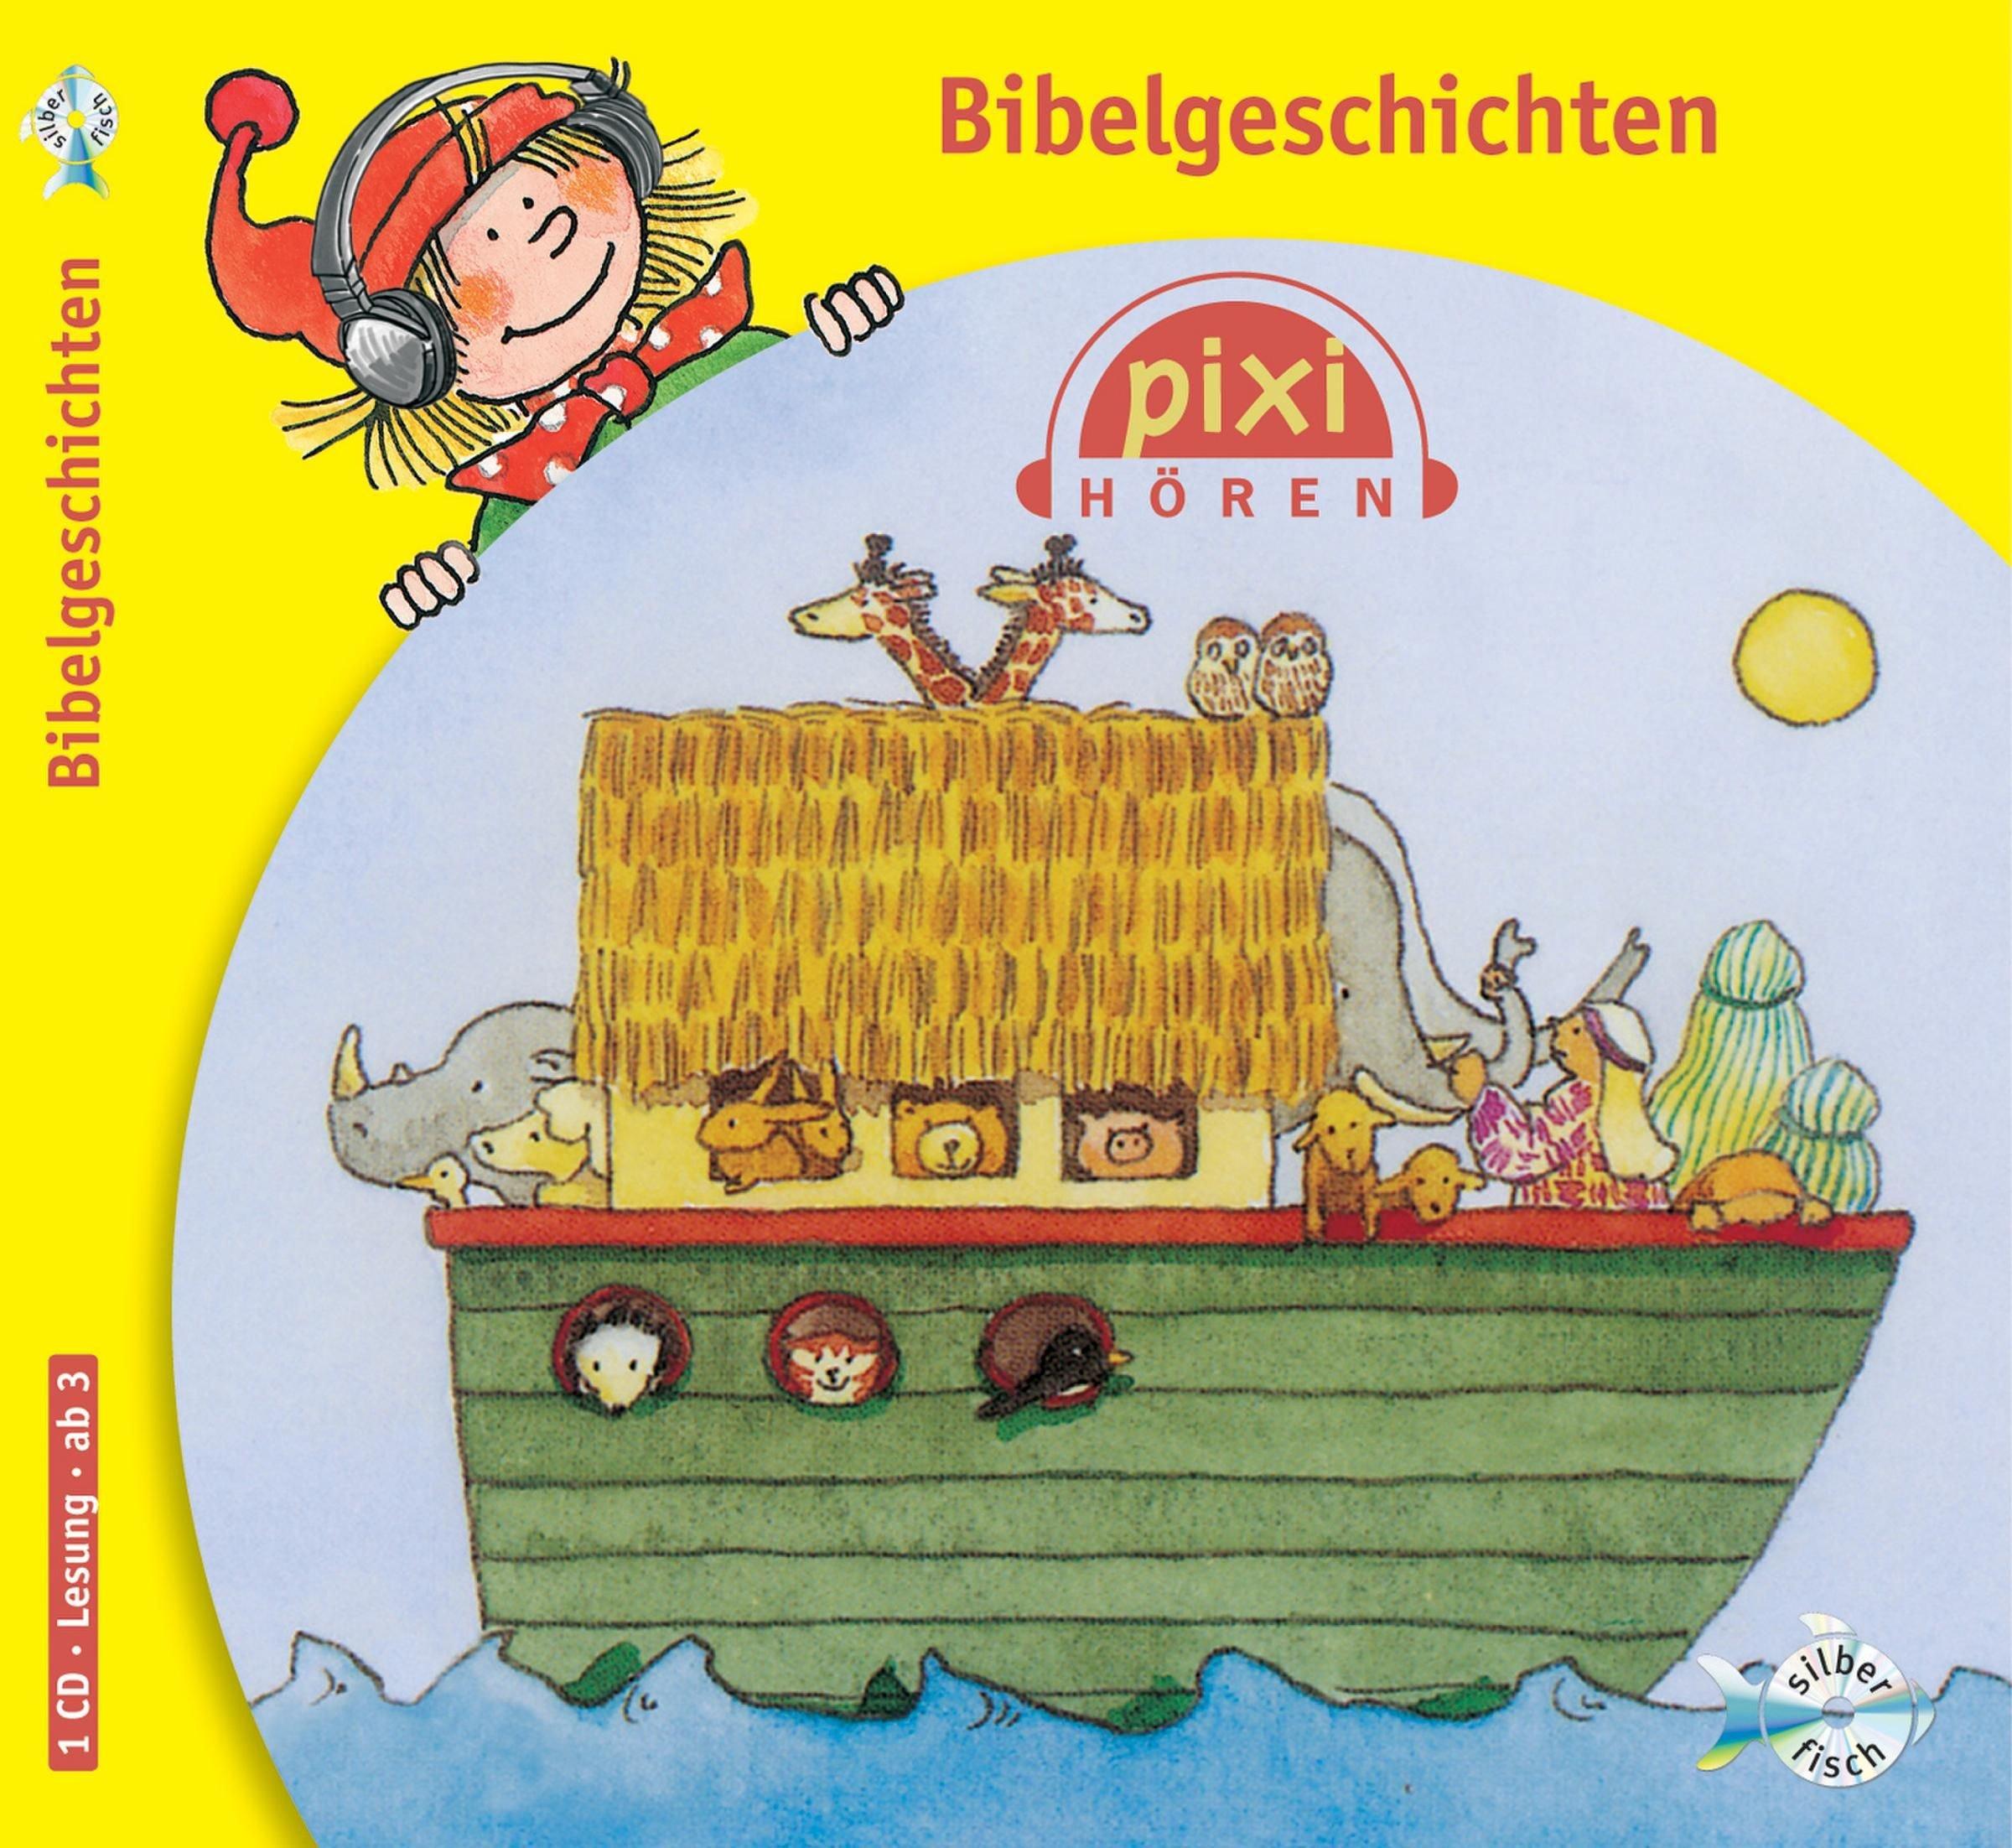 Bibelgeschichten: 1 CD (Pixi Hören)